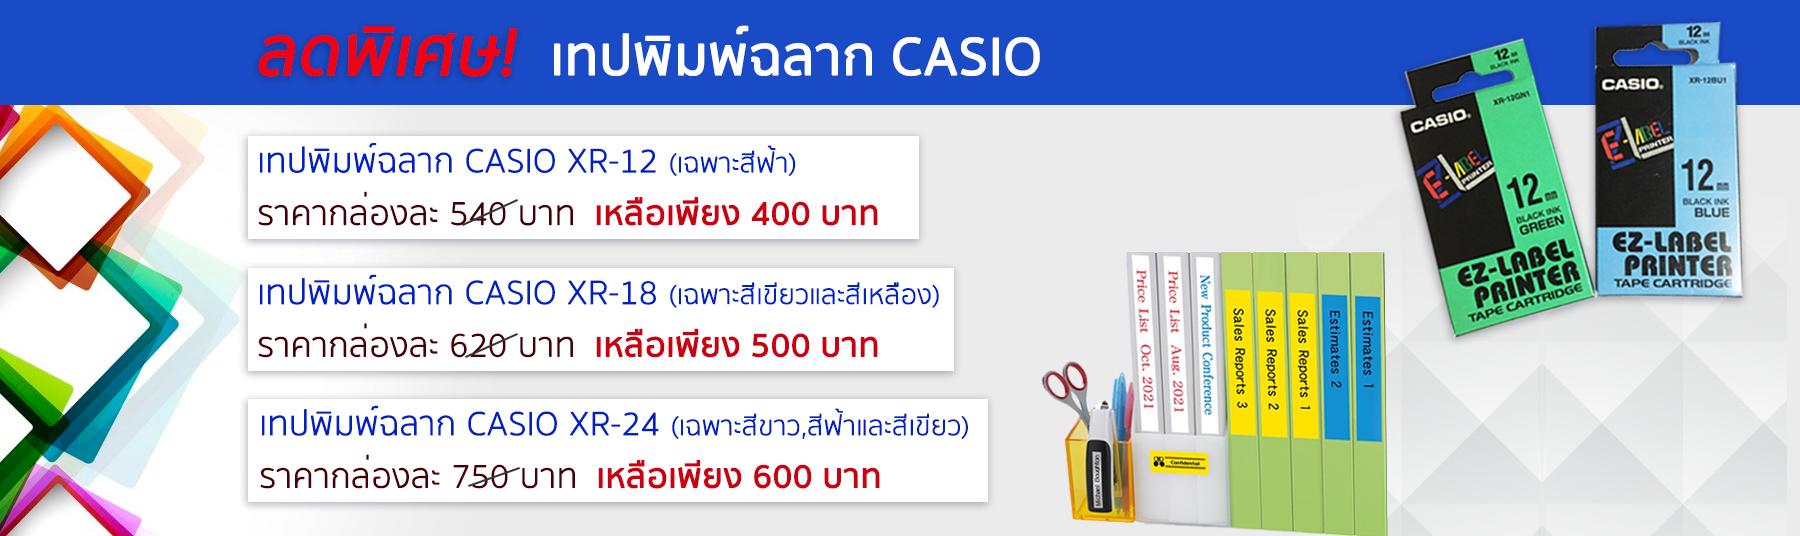 เทปพิมพ์ฉลาก Casio